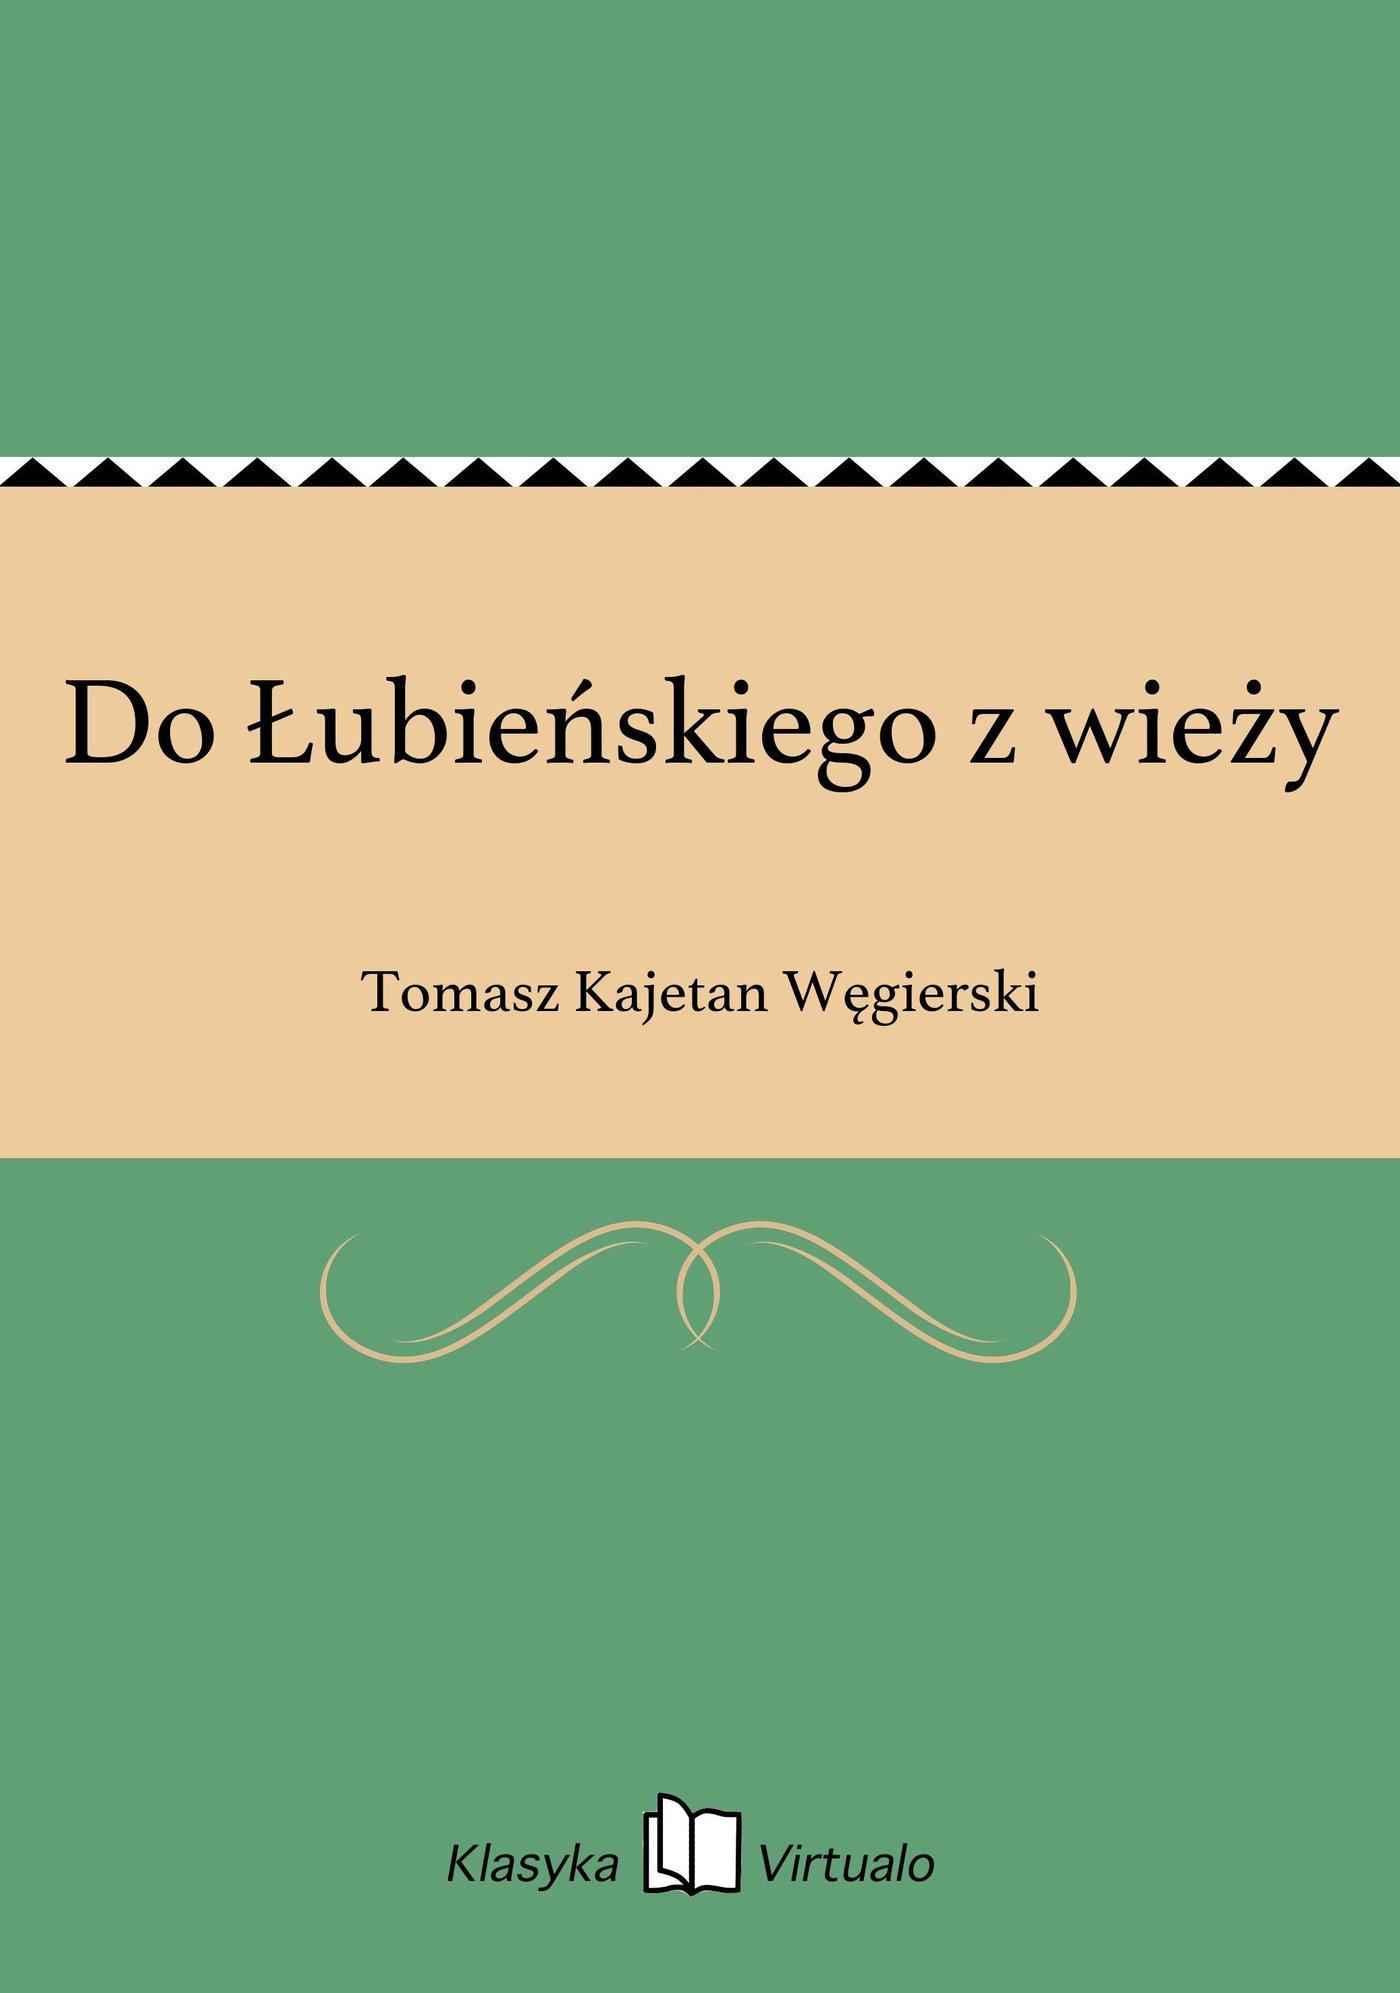 Do Łubieńskiego z wieży - Ebook (Książka EPUB) do pobrania w formacie EPUB